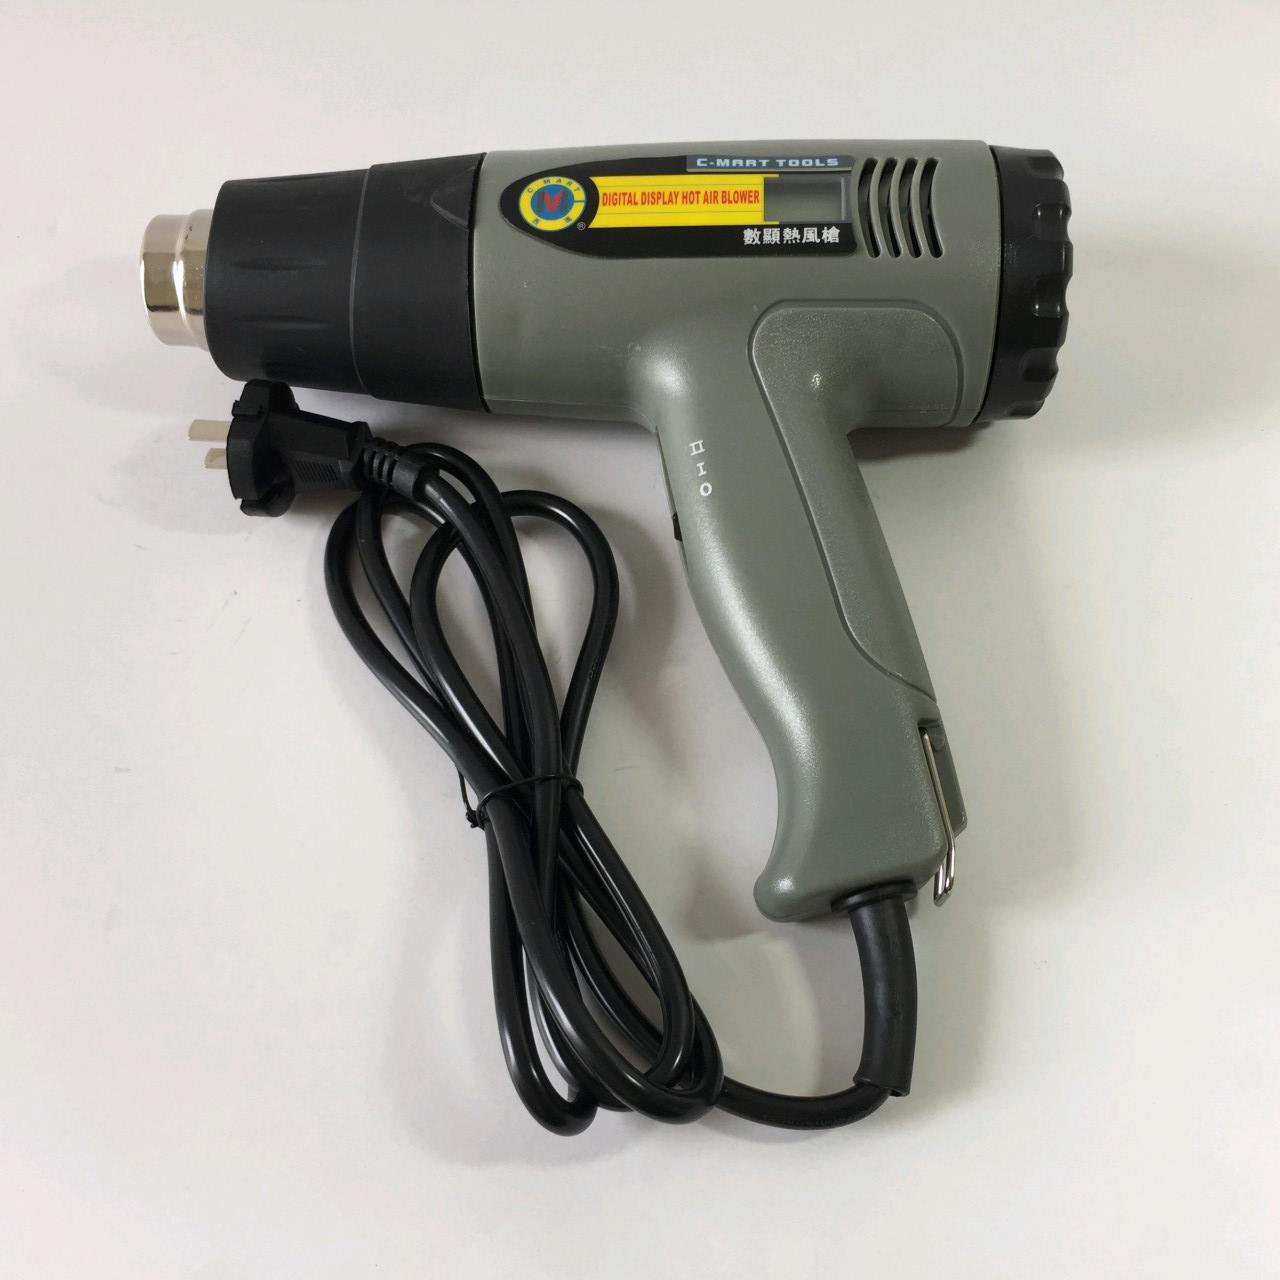 Hình ảnh Máy thổi hơi nóng có đồng hồ C-Mart 1600W C0018E-1600